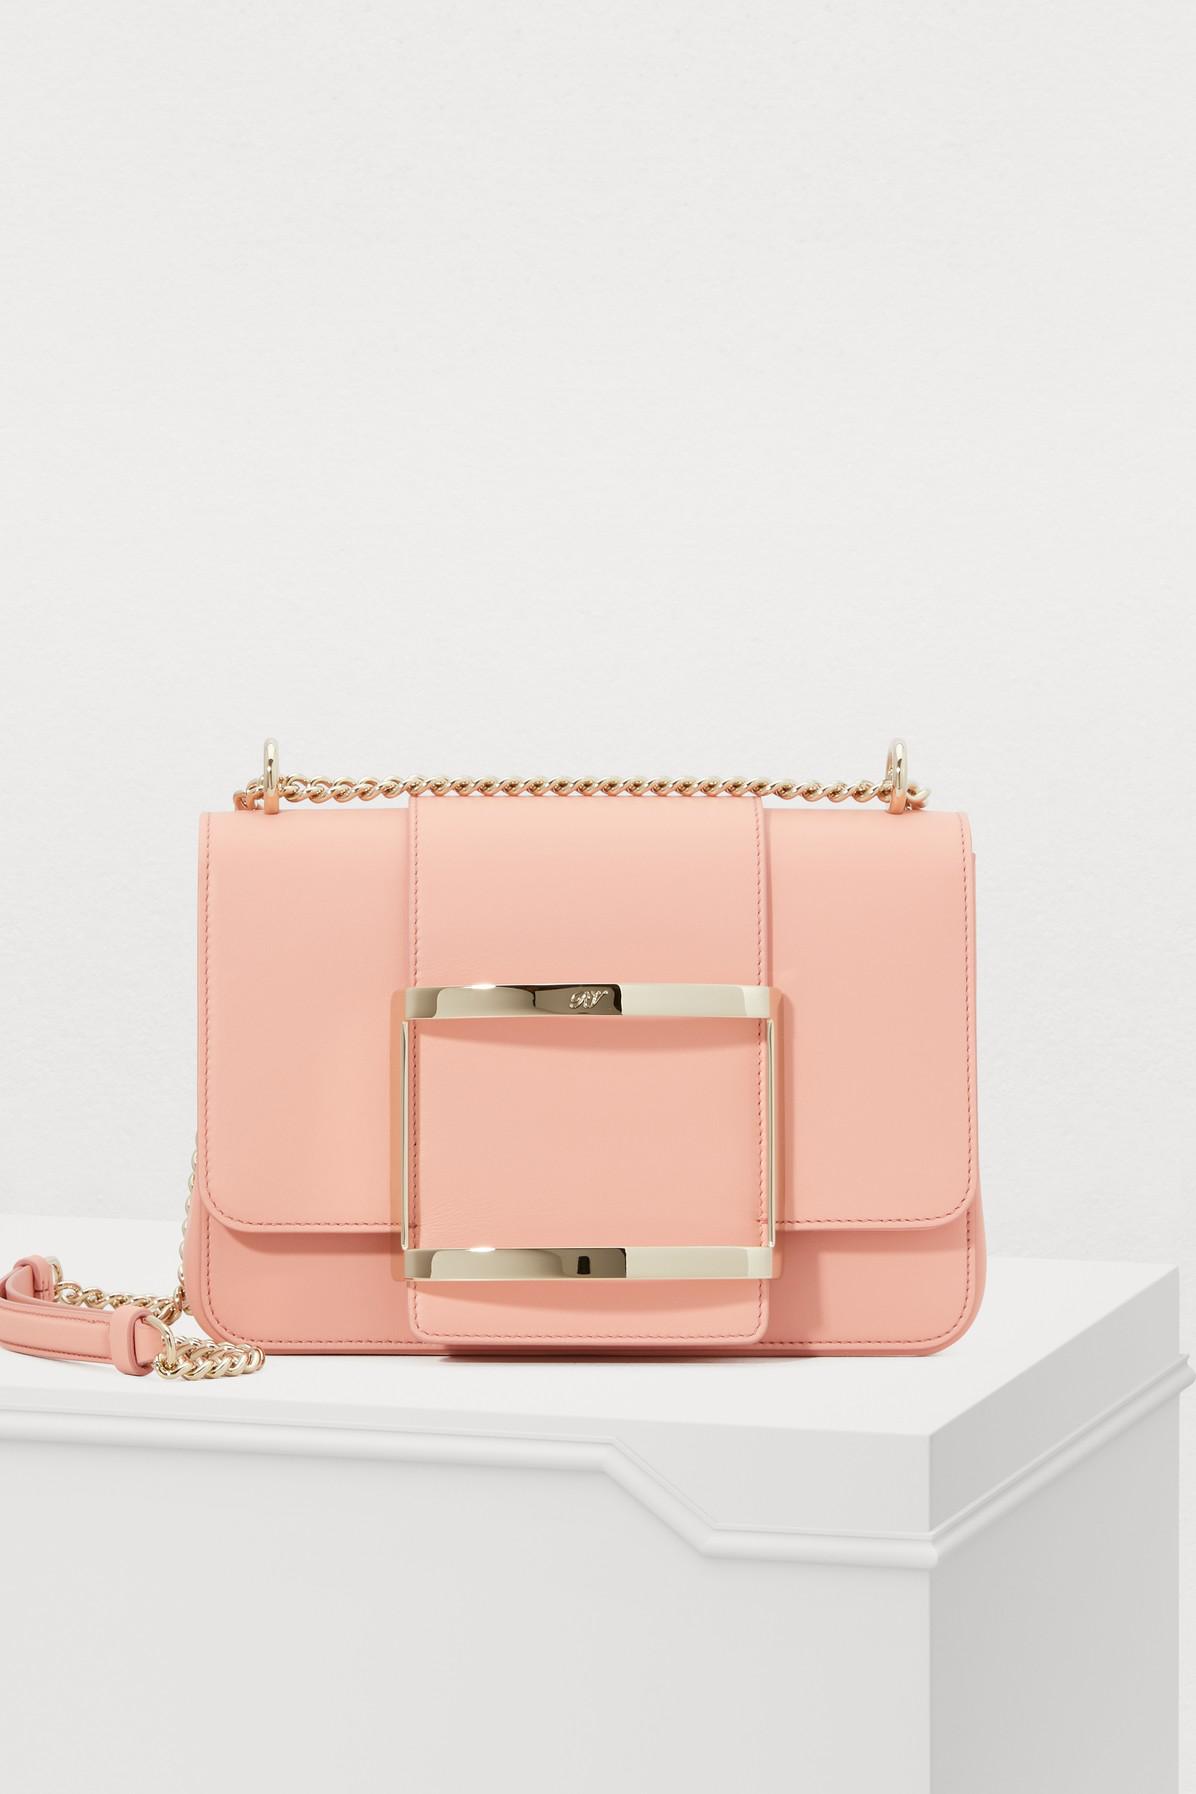 Roger Vivier TrÈS Vivier Small Shoulder Bag In Pink  1aff5f15c5c6c